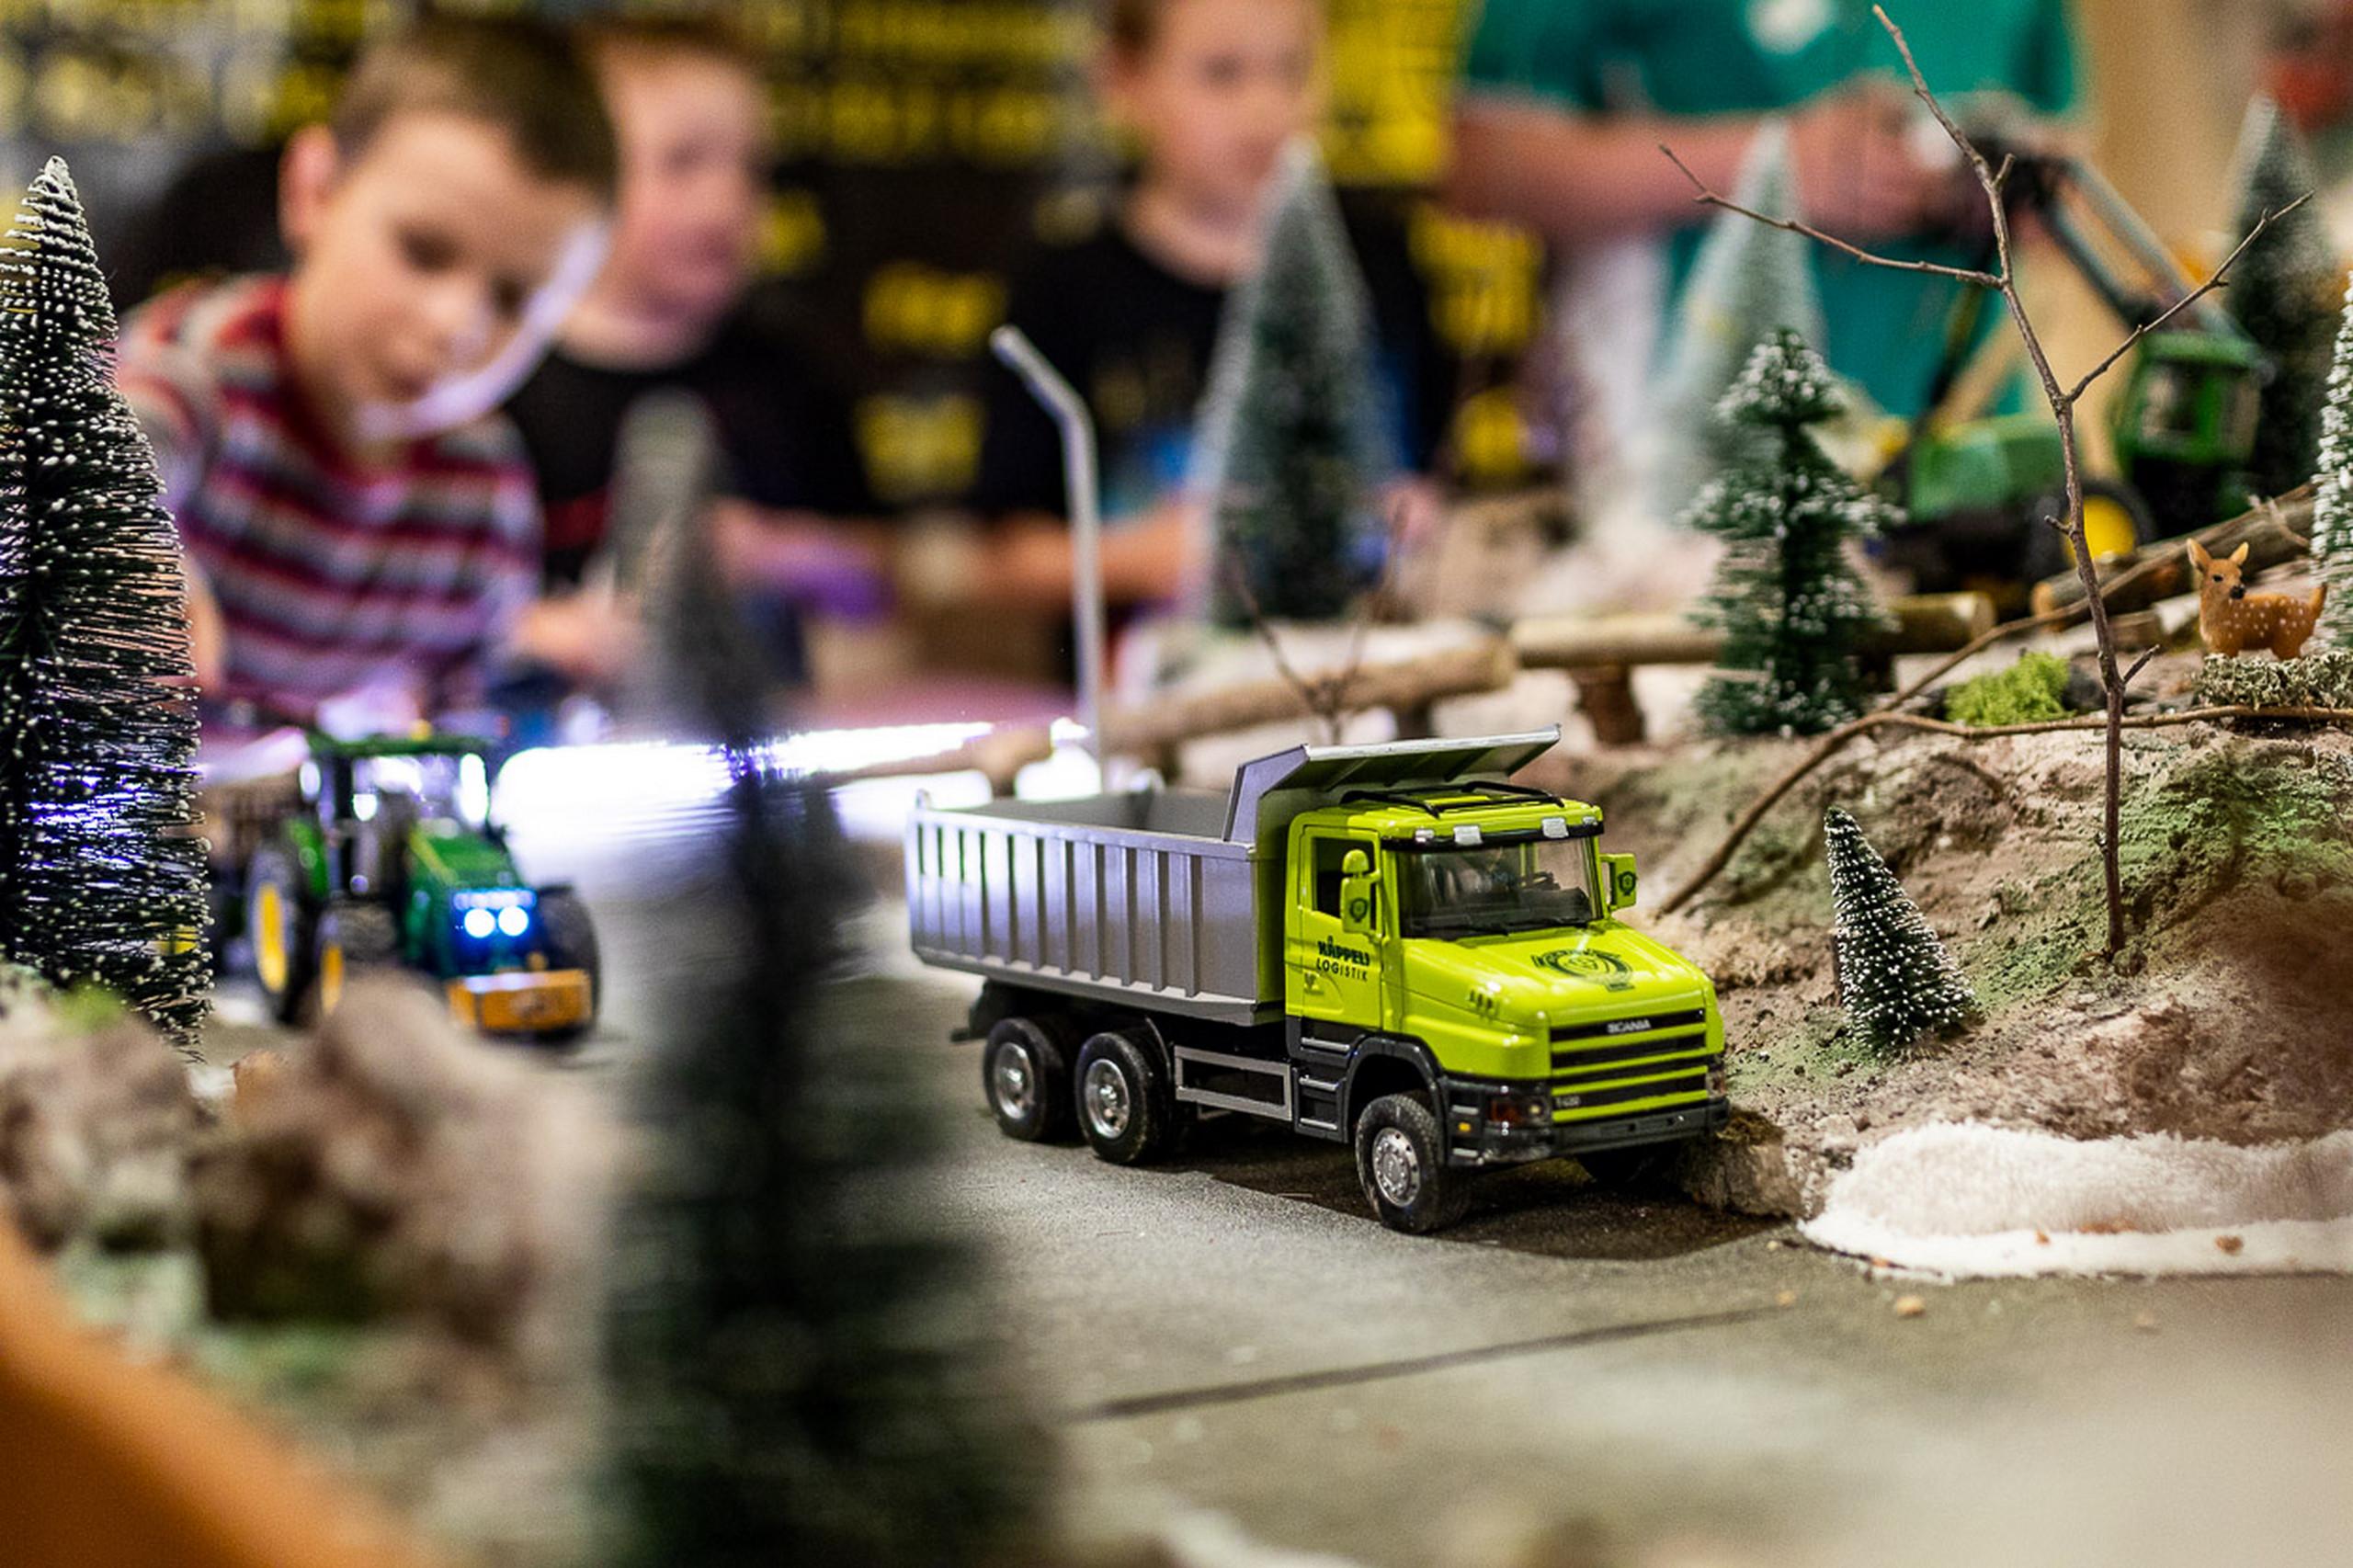 valiant-diorama-wirihorn-lastwagen